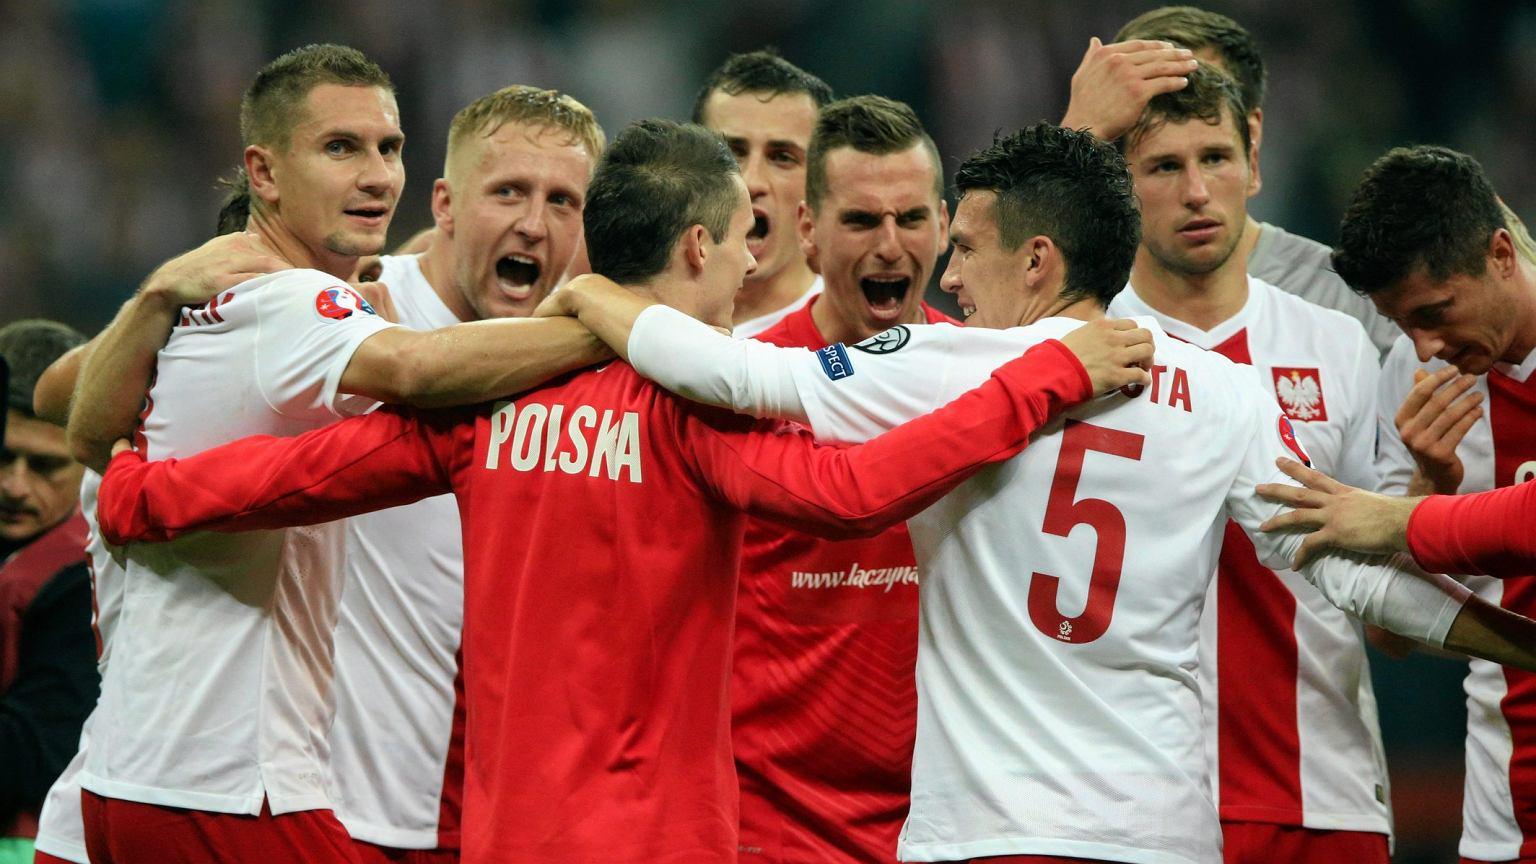 mecz polska niemcy na zywo